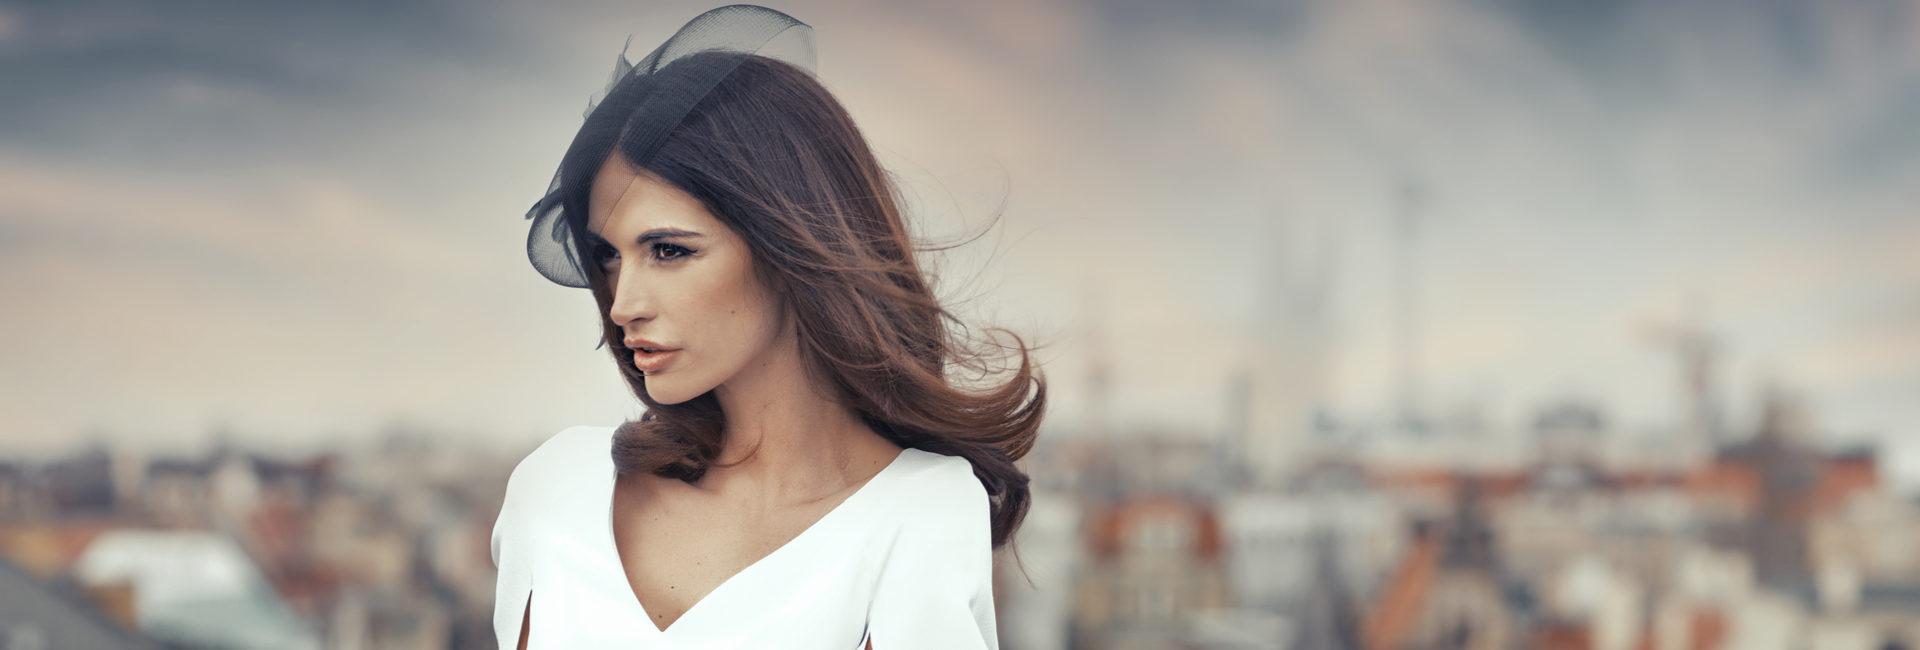 beautiful urban woman in white dress